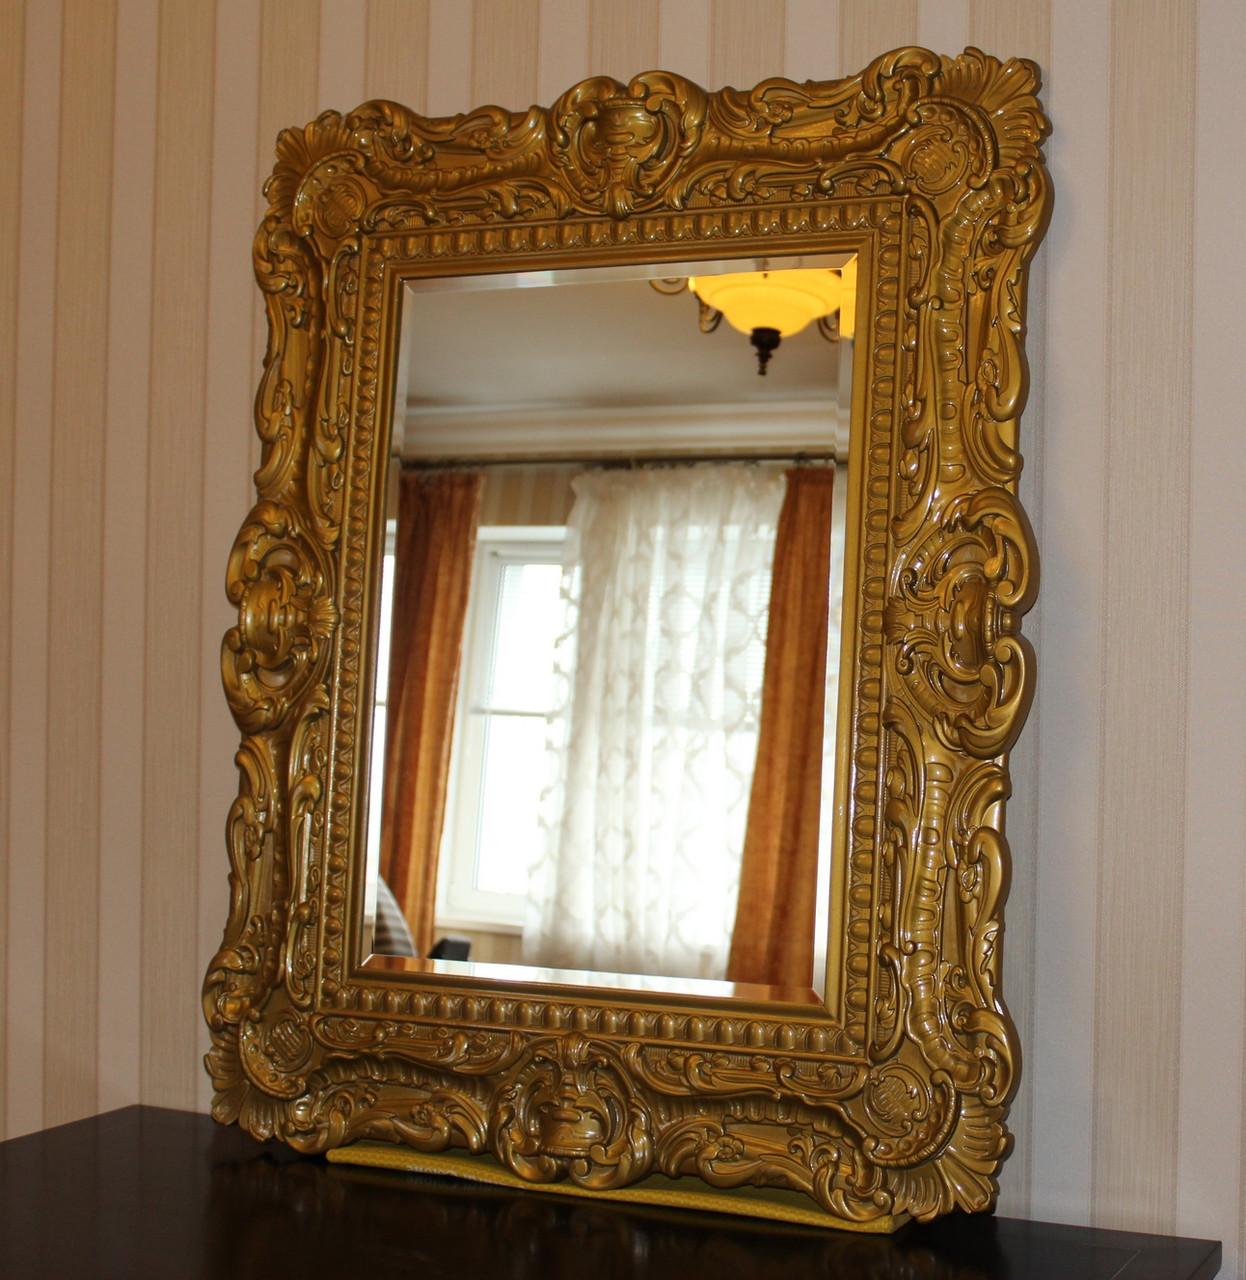 Код М-005.2. Зеркало в деревянной резной раме в классическом стиле